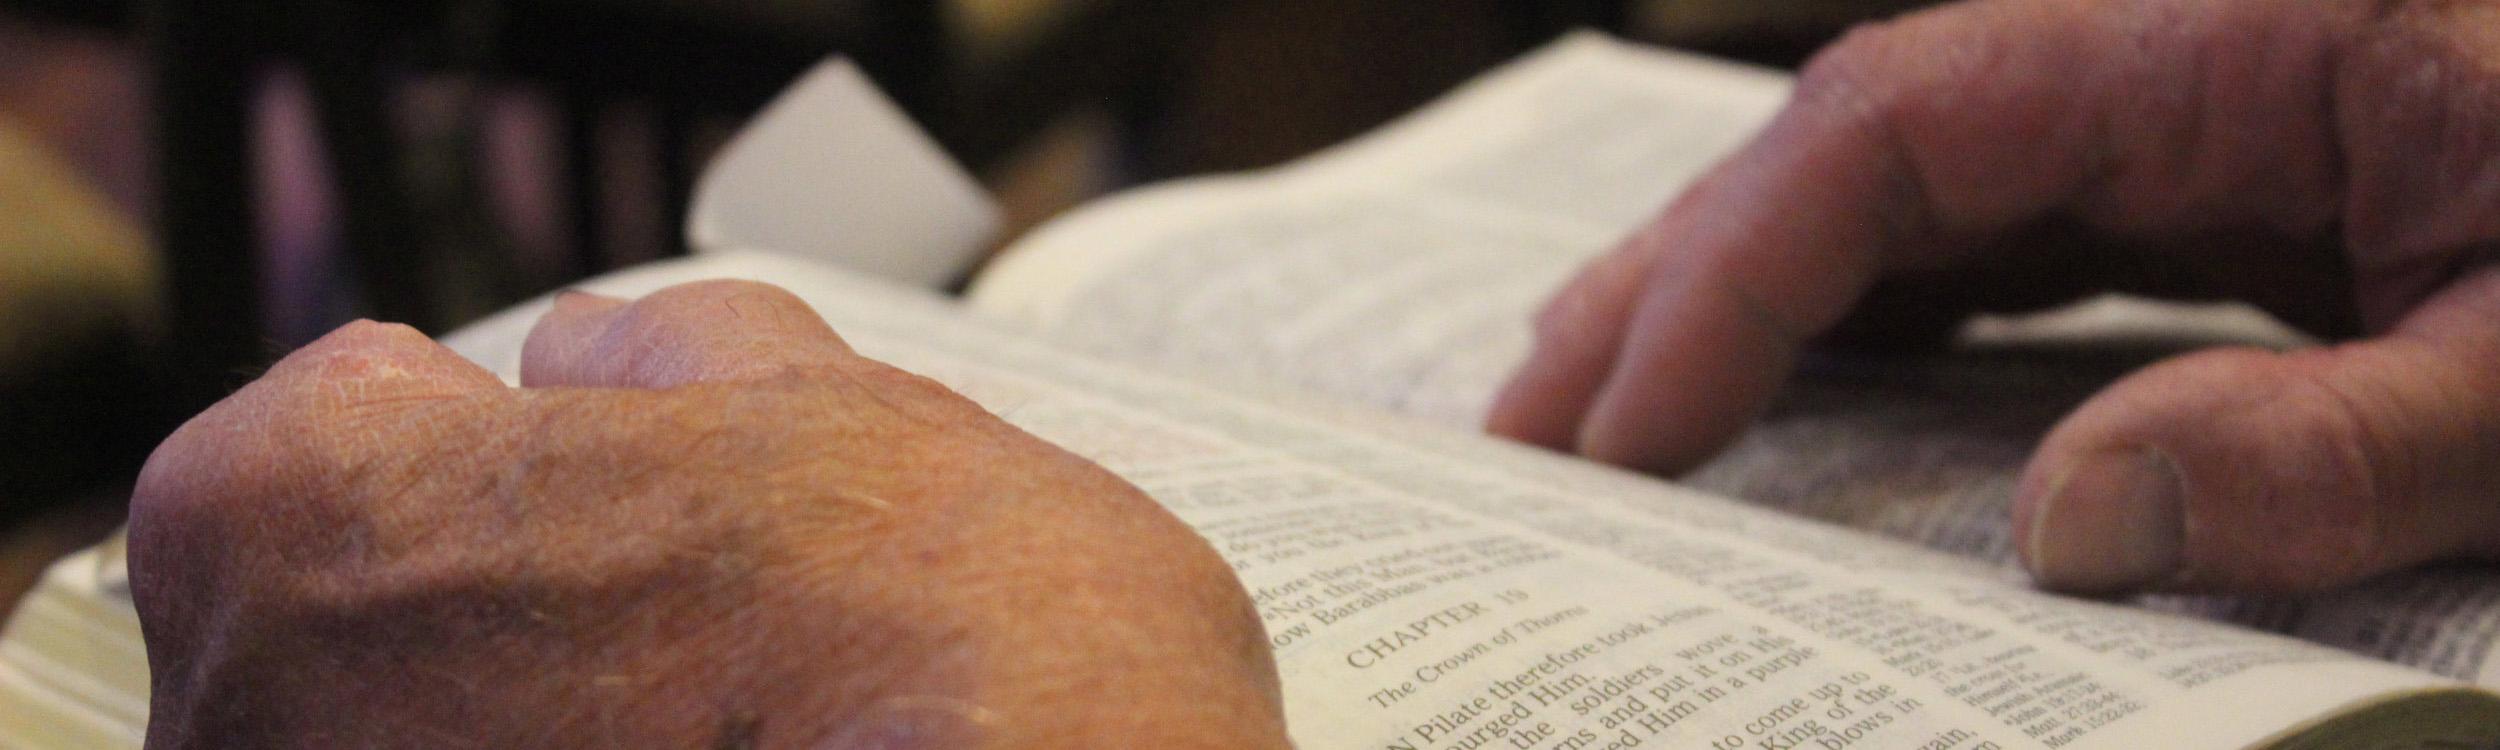 Blog_Gospel.jpg